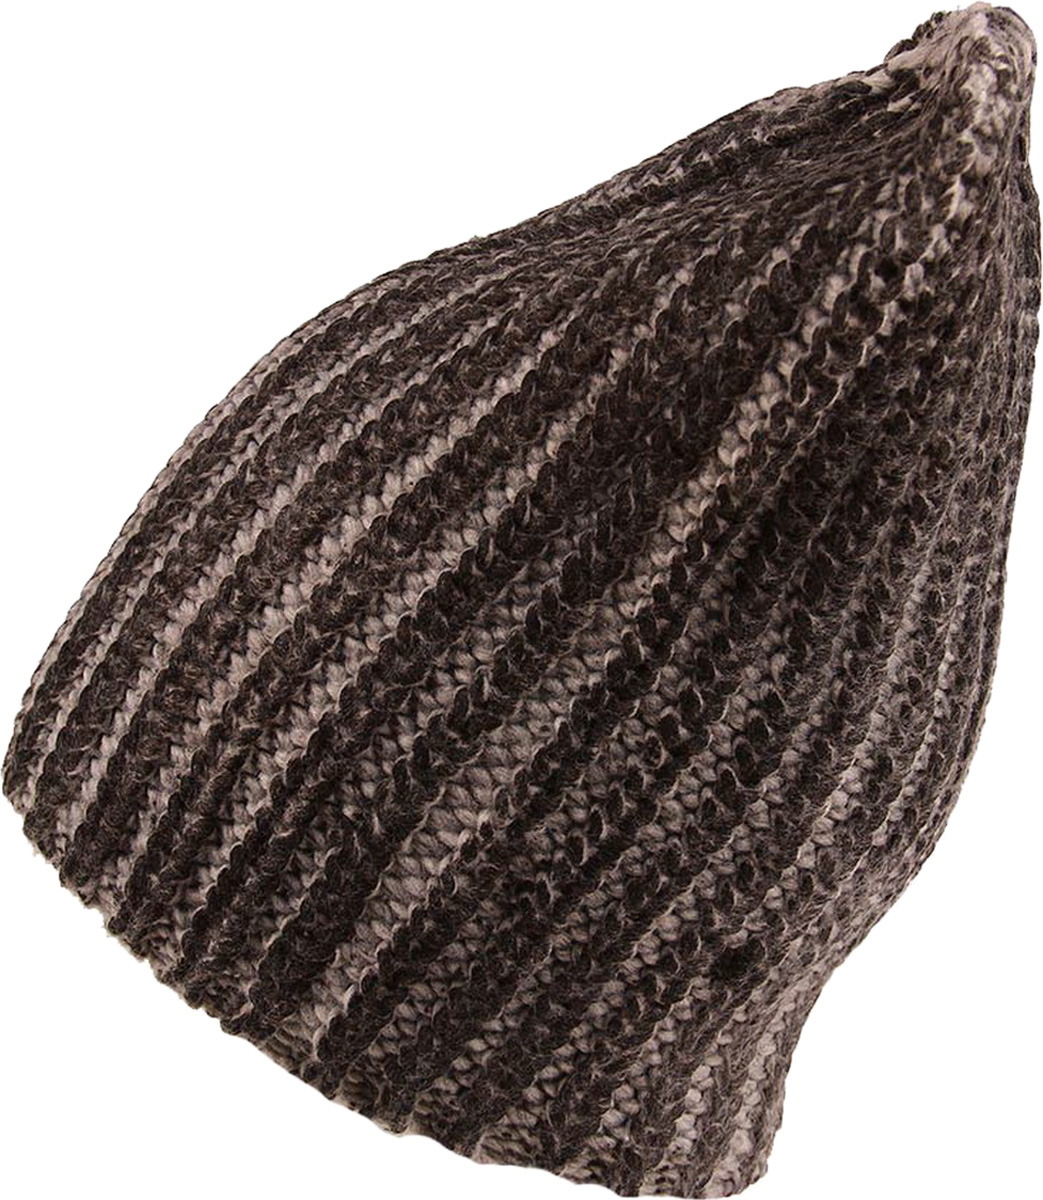 Шапка женская Venera, цвет: серый, бежевый. 9806556-23/1. Размер универсальный9806556-23/1 ШапкаСтильная женская шапка Venera, выполненная из комбинированной пряжи, станет отличным дополнением вашего образа в холодную погоду.Шапка Venera отлично дополнит ваш повседневный образ, это универсальный и очень практичный аксессуар.